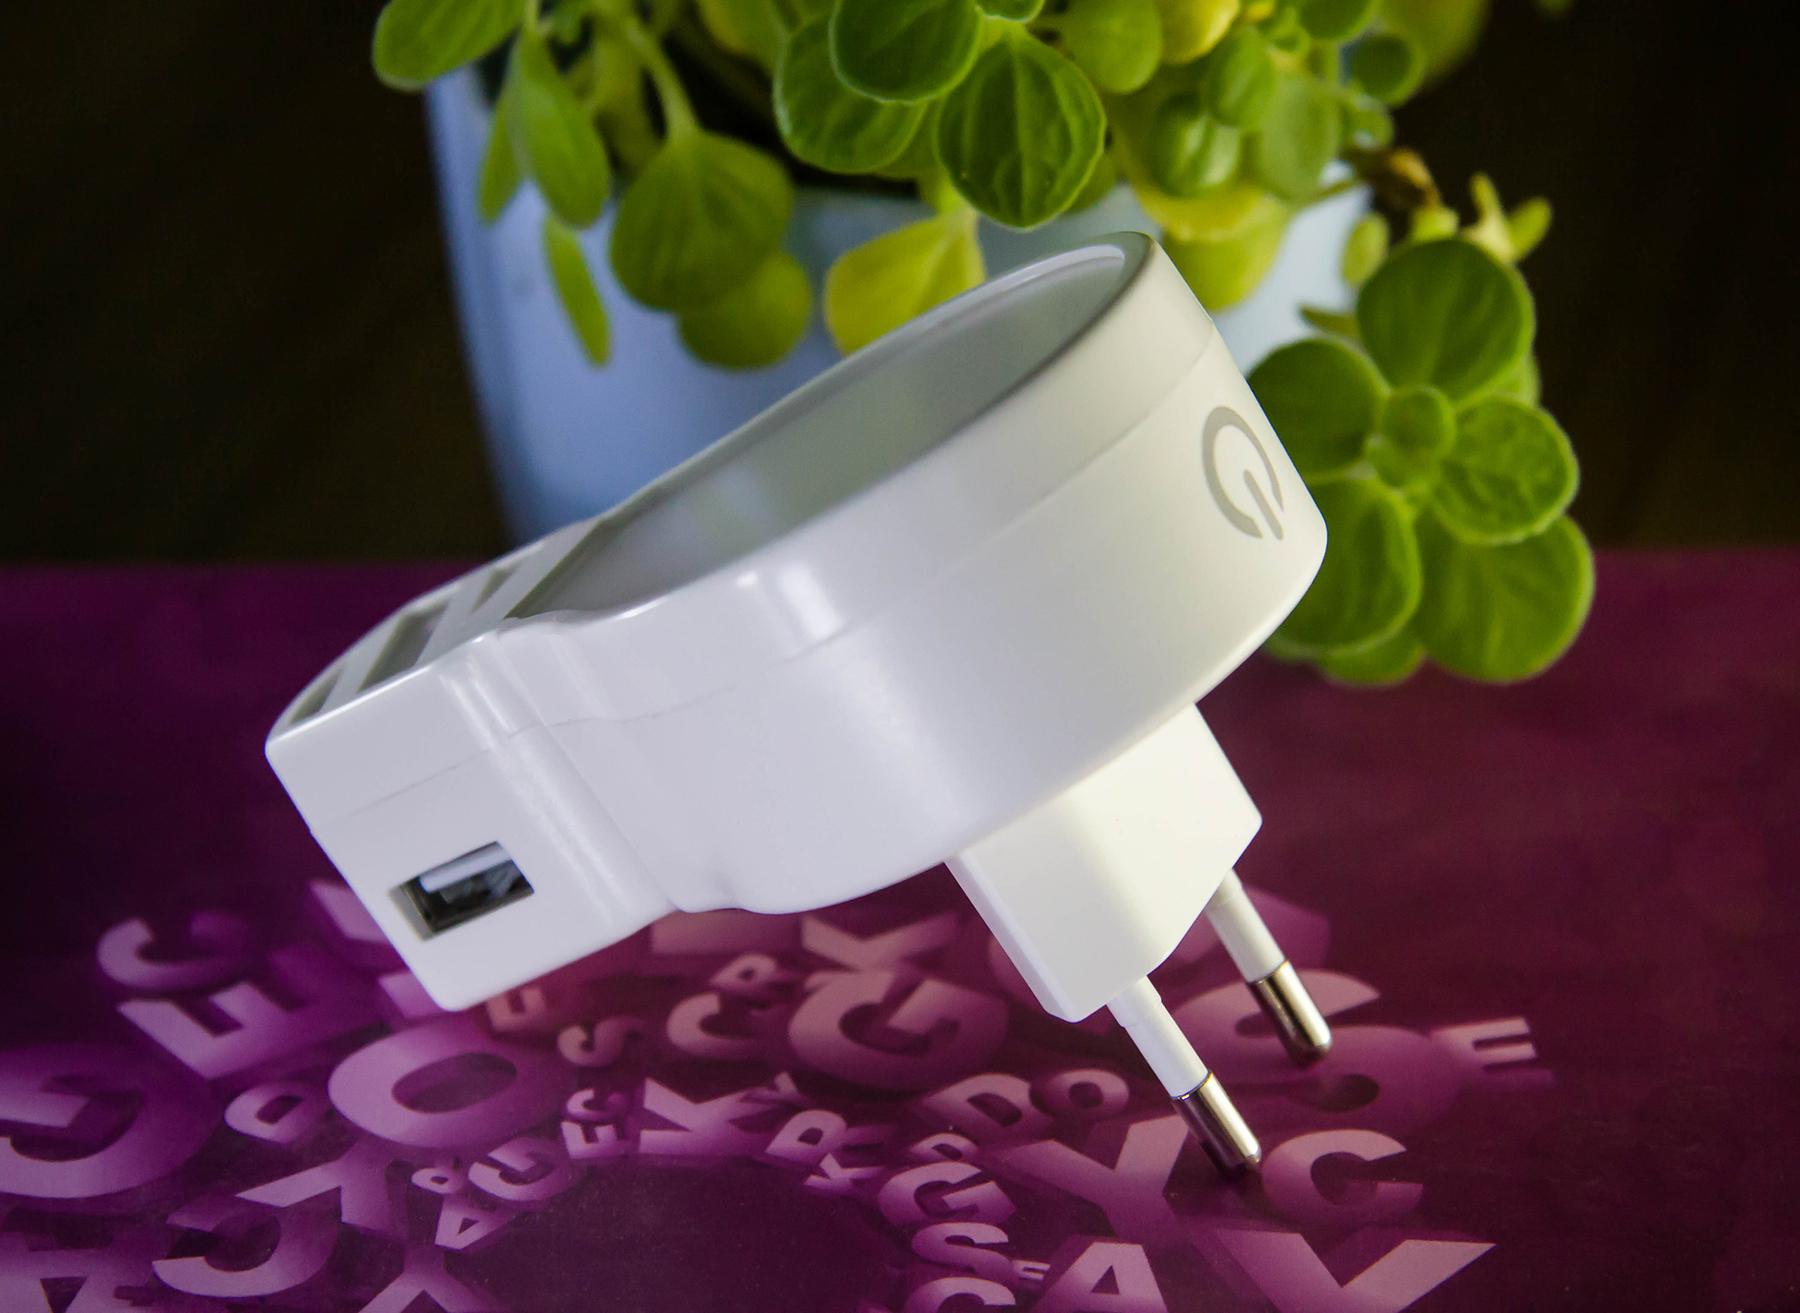 小灯泡充电器